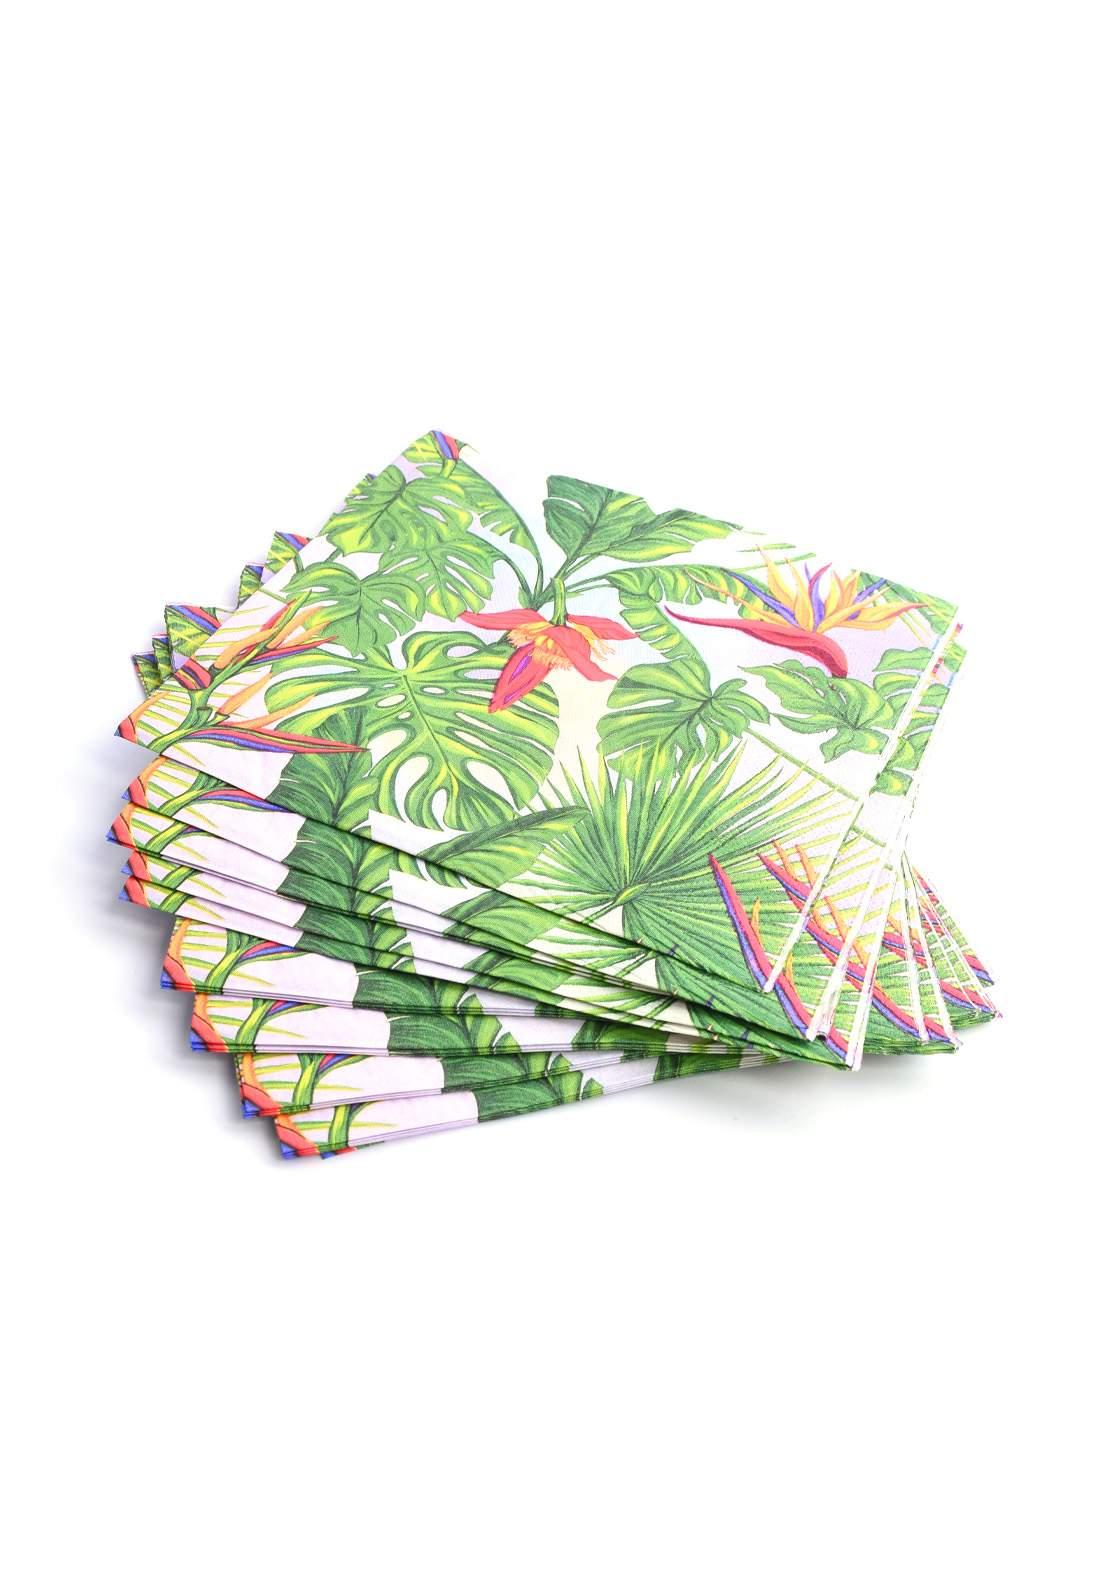 مناديل ورقية متعددة الاستخدامات للمطبخ 12 قطعة